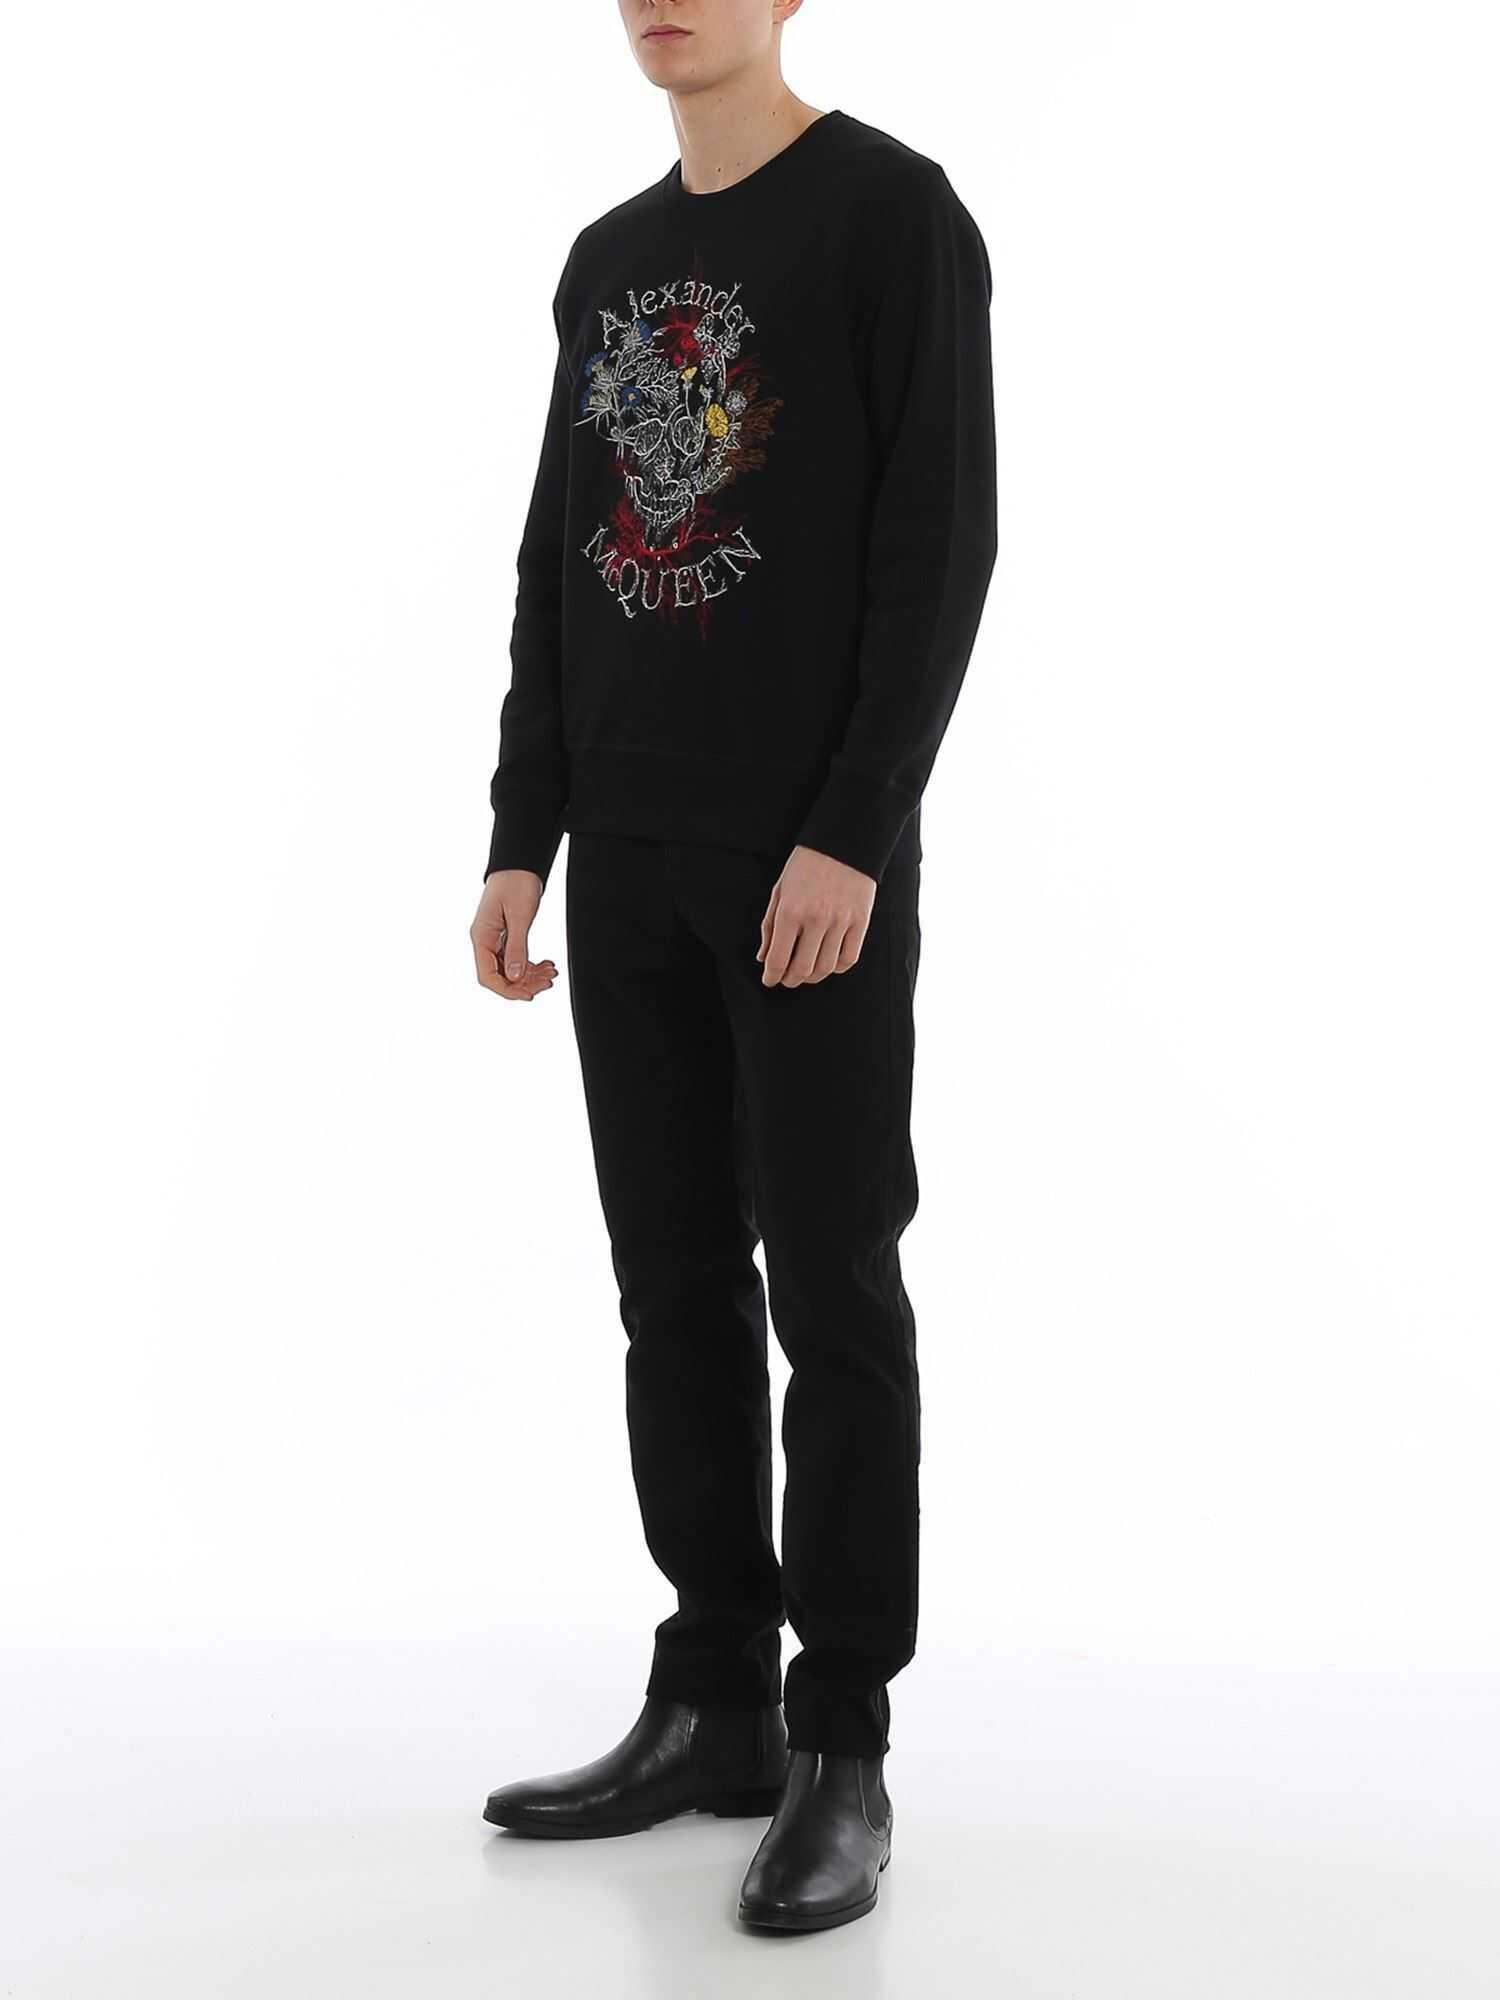 Alexander McQueen Glowing Botanical Skull Sweatshirt Black